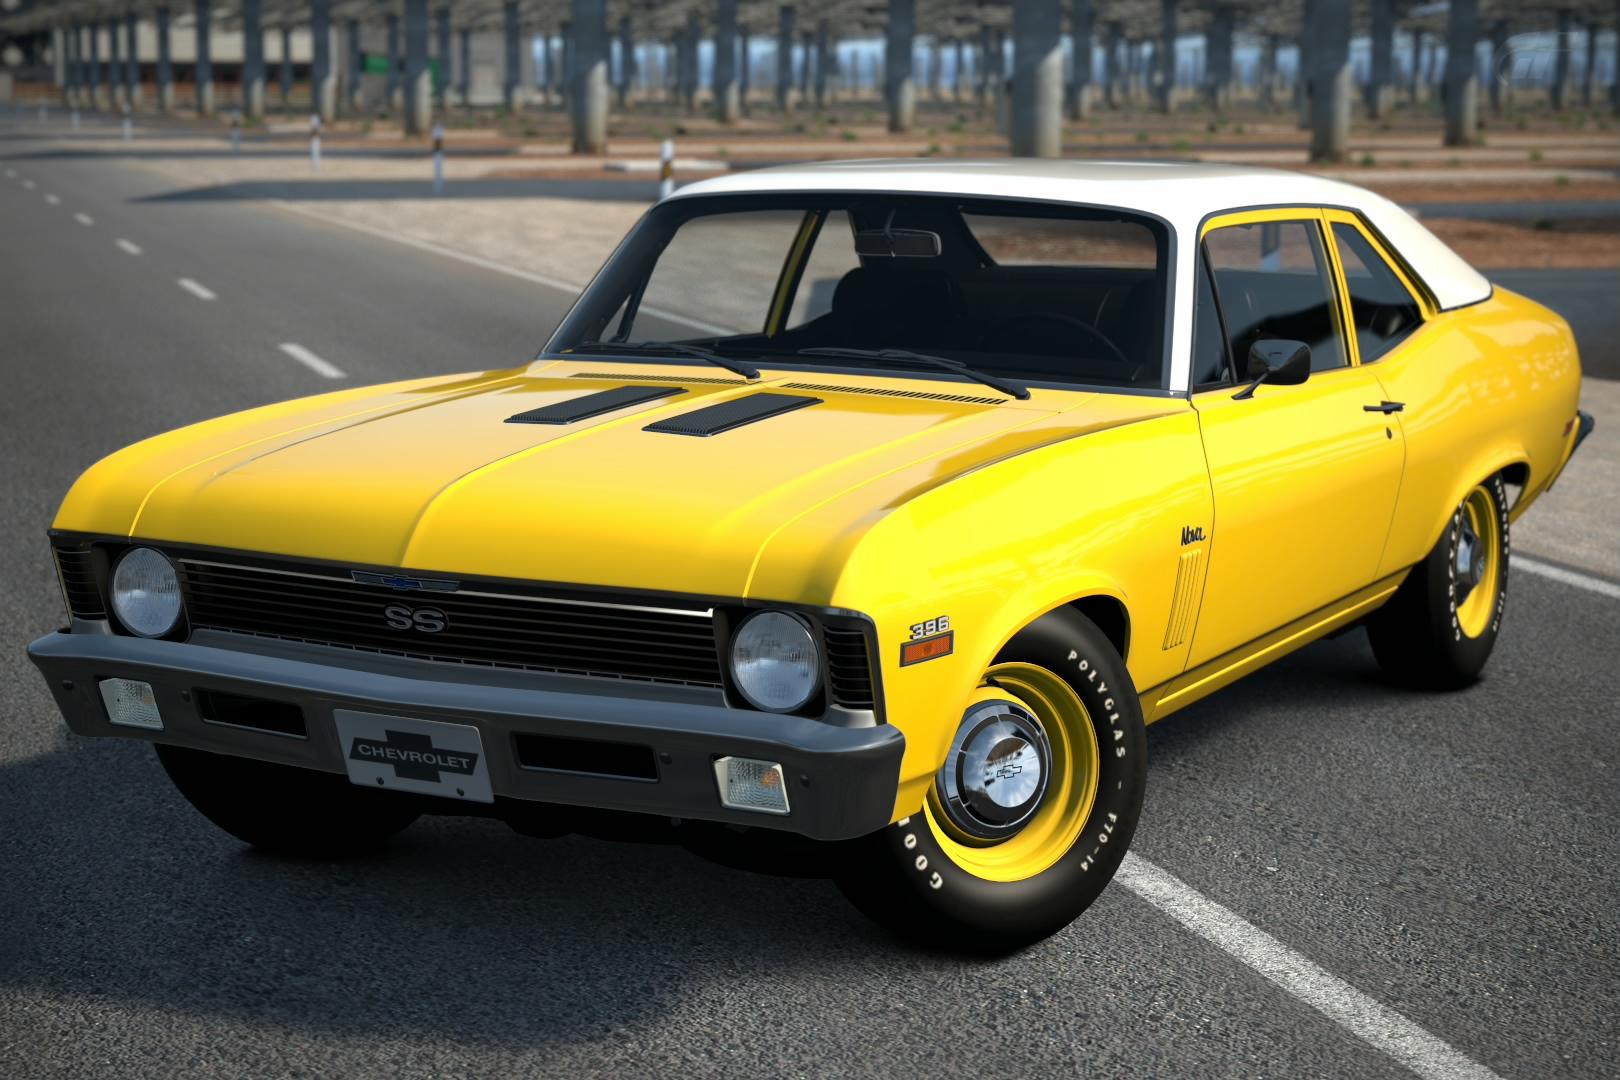 Kelebihan Kekurangan Chevrolet Nova Top Model Tahun Ini